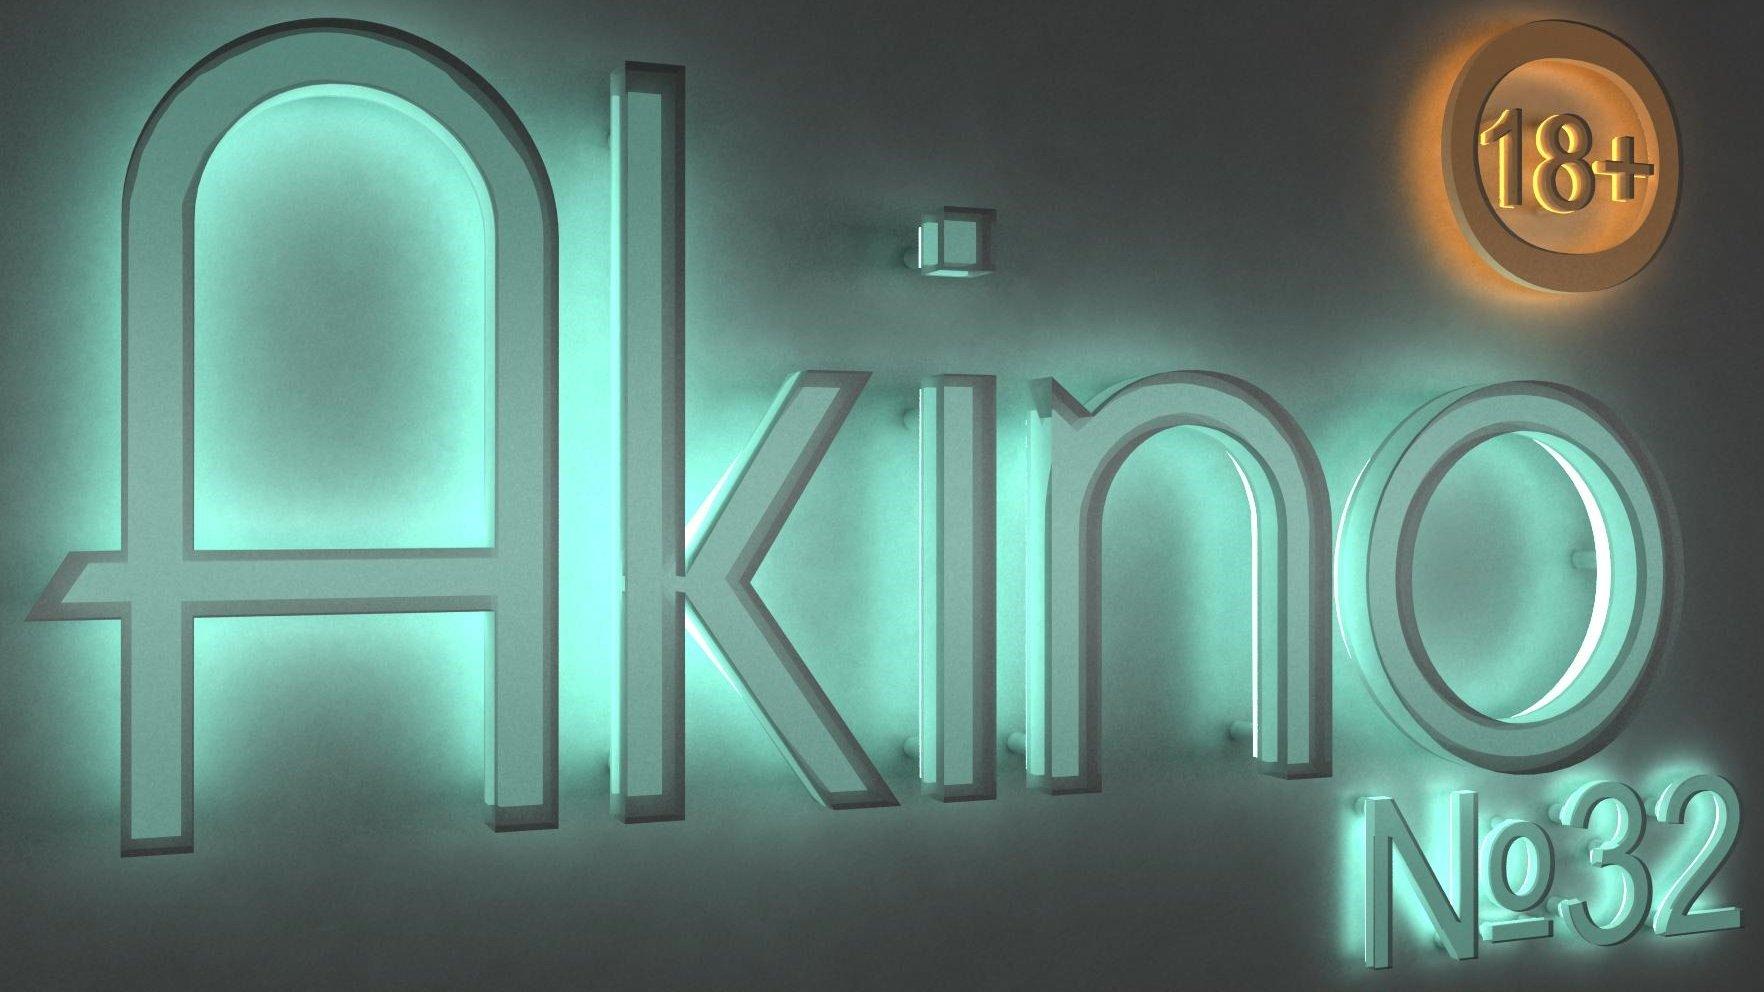 Подкаст AkiNO Выпуск № 32 (18+) - Изображение 1